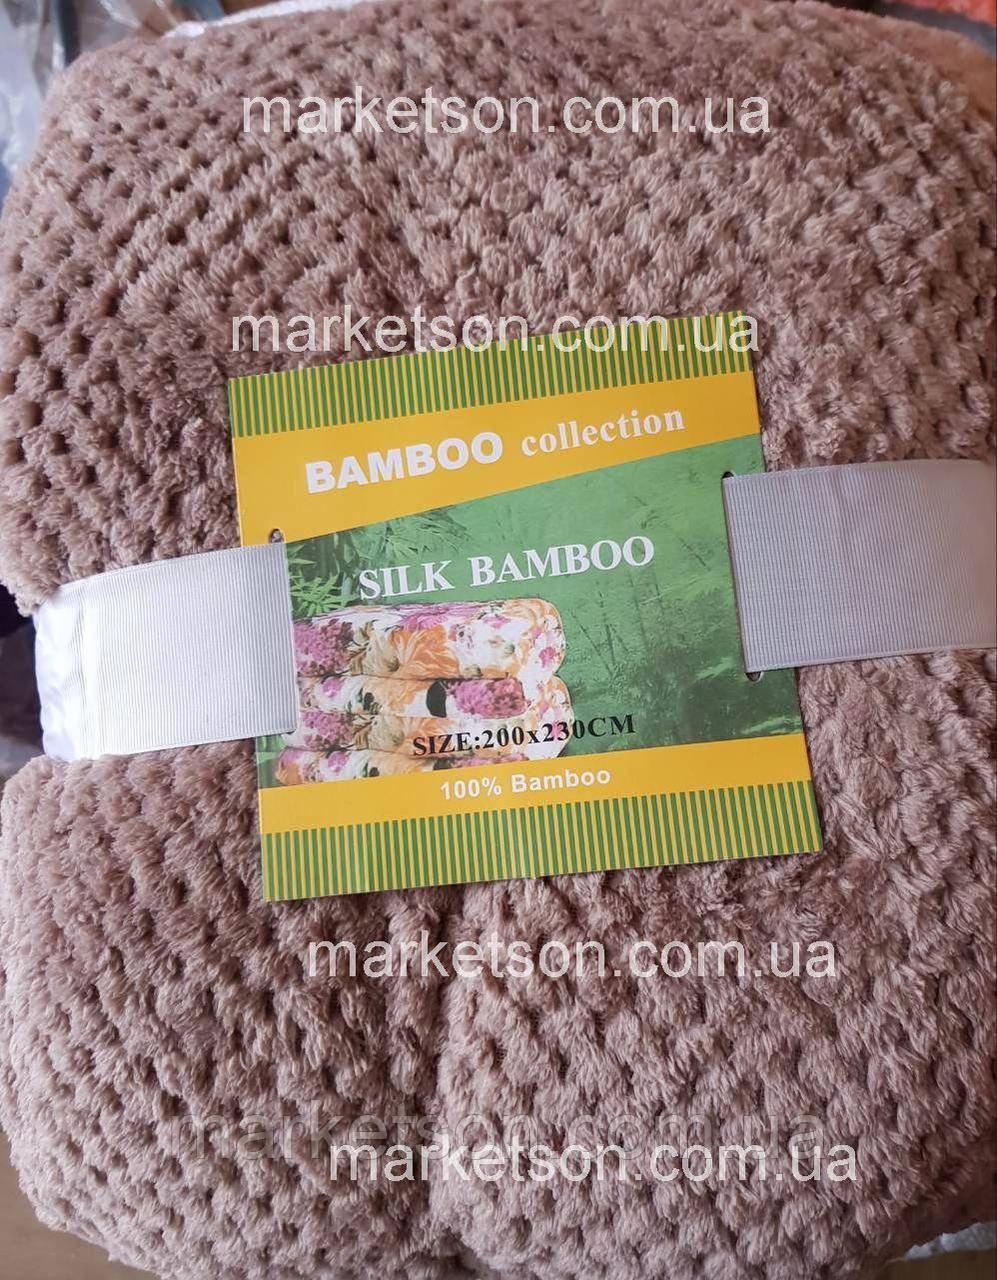 Бамбуковый плед покрывало Bamboo 150х200. Полуторный.